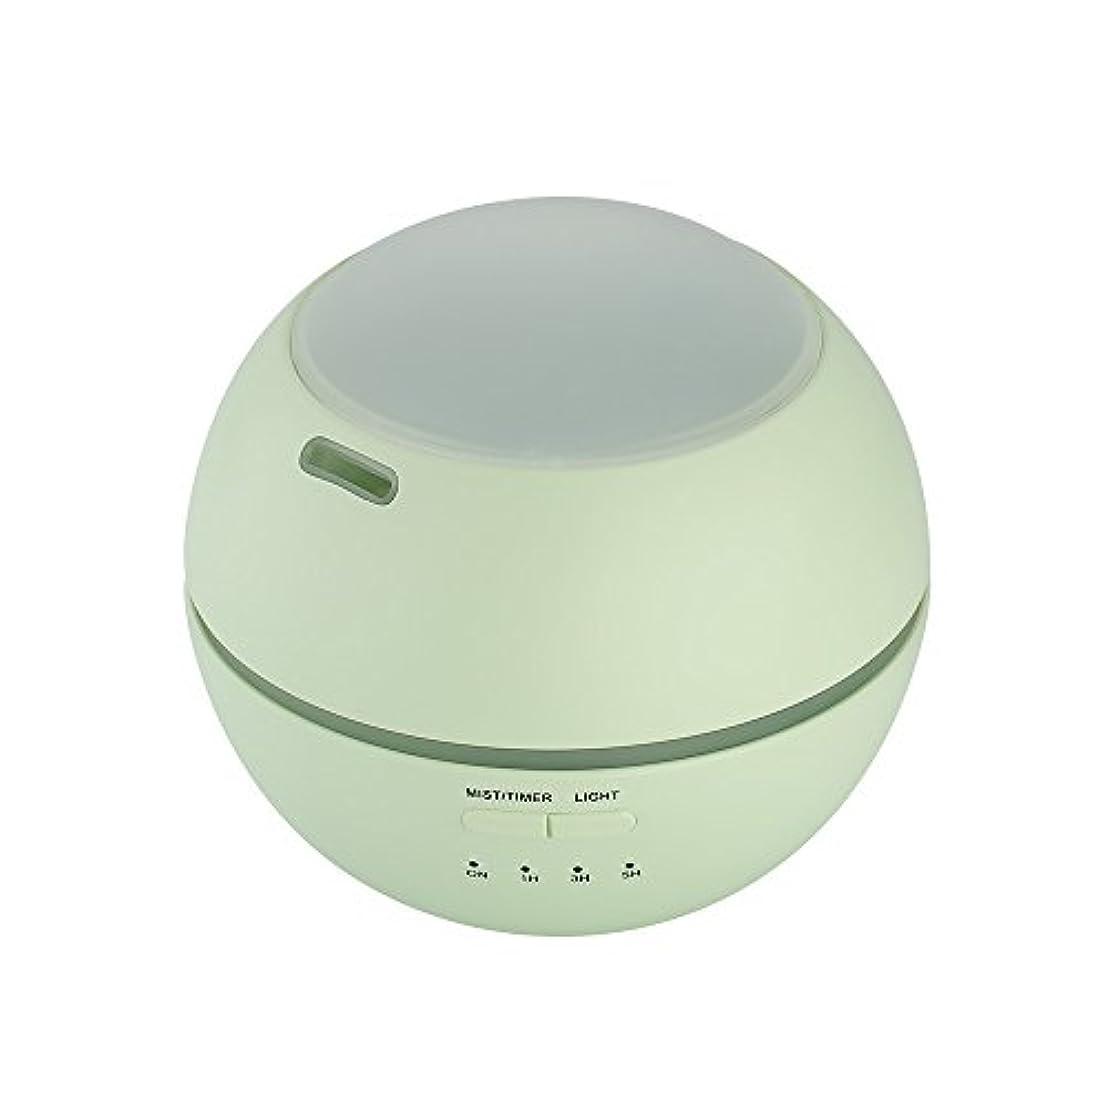 かわいらしい良心的グリット超音波式 アロマディフューザー 卓上 加湿器 8色LEDライト変換 超静音 ミス調整可能 時間設定タイマー機能付き 空焚き防止機能搭載 アロマ加湿器 150mL by smartlife (グリーン)